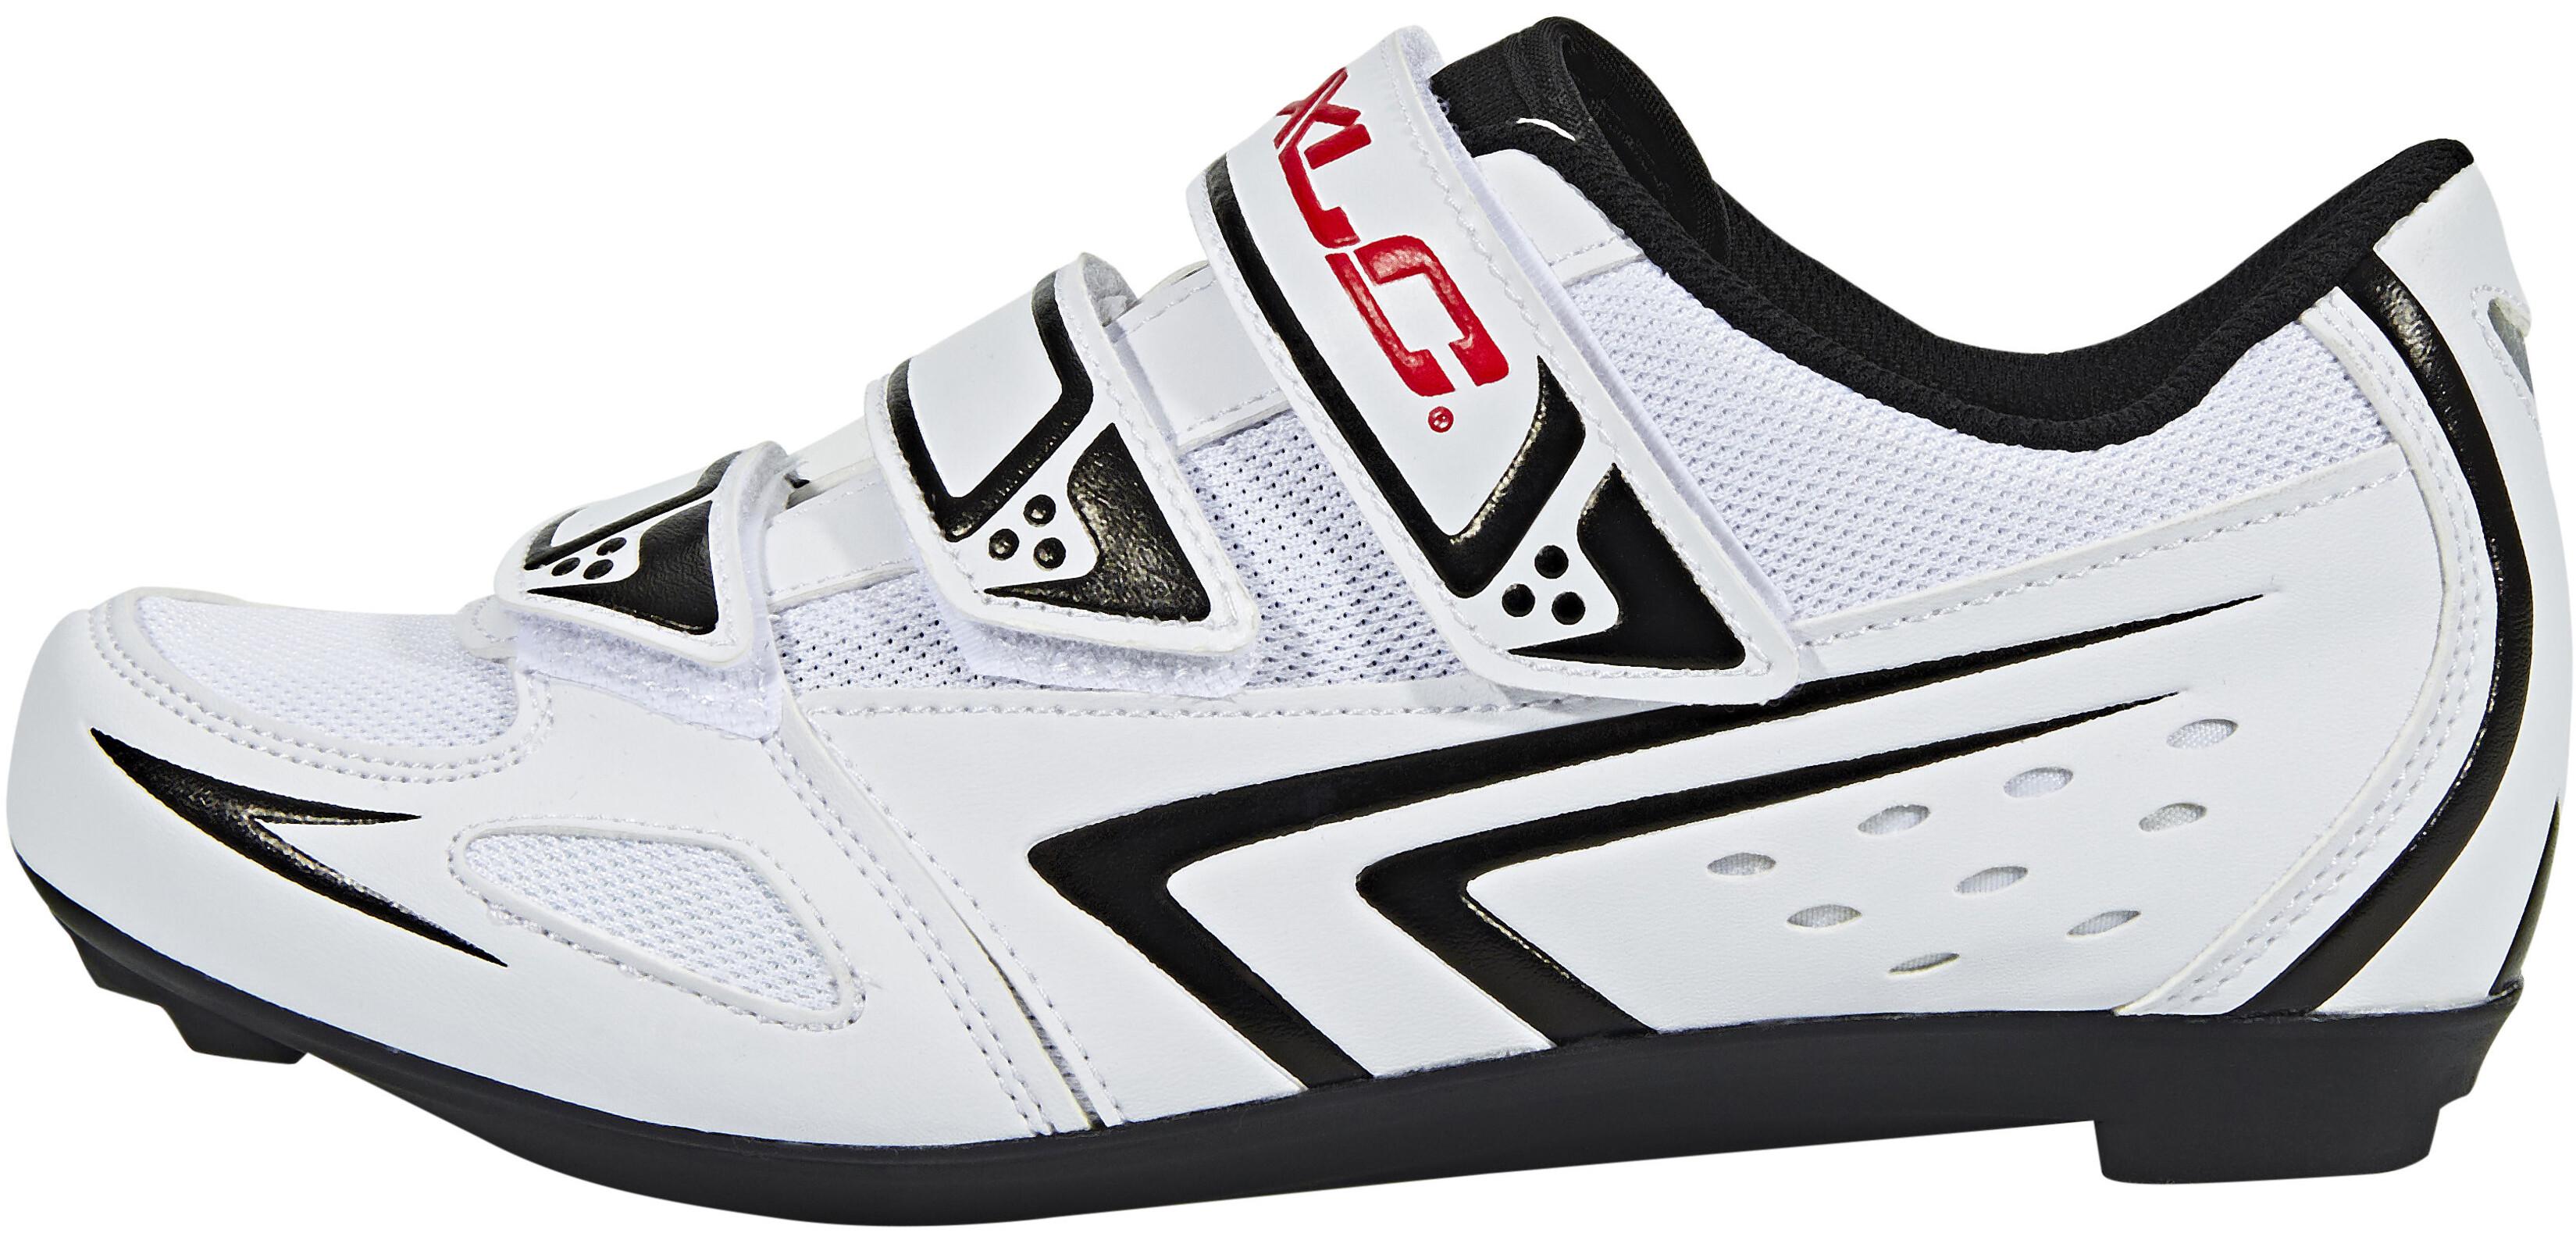 937187959da6a0 XLC CB-R04 - Chaussures - blanc - Boutique de vélos en ligne ...